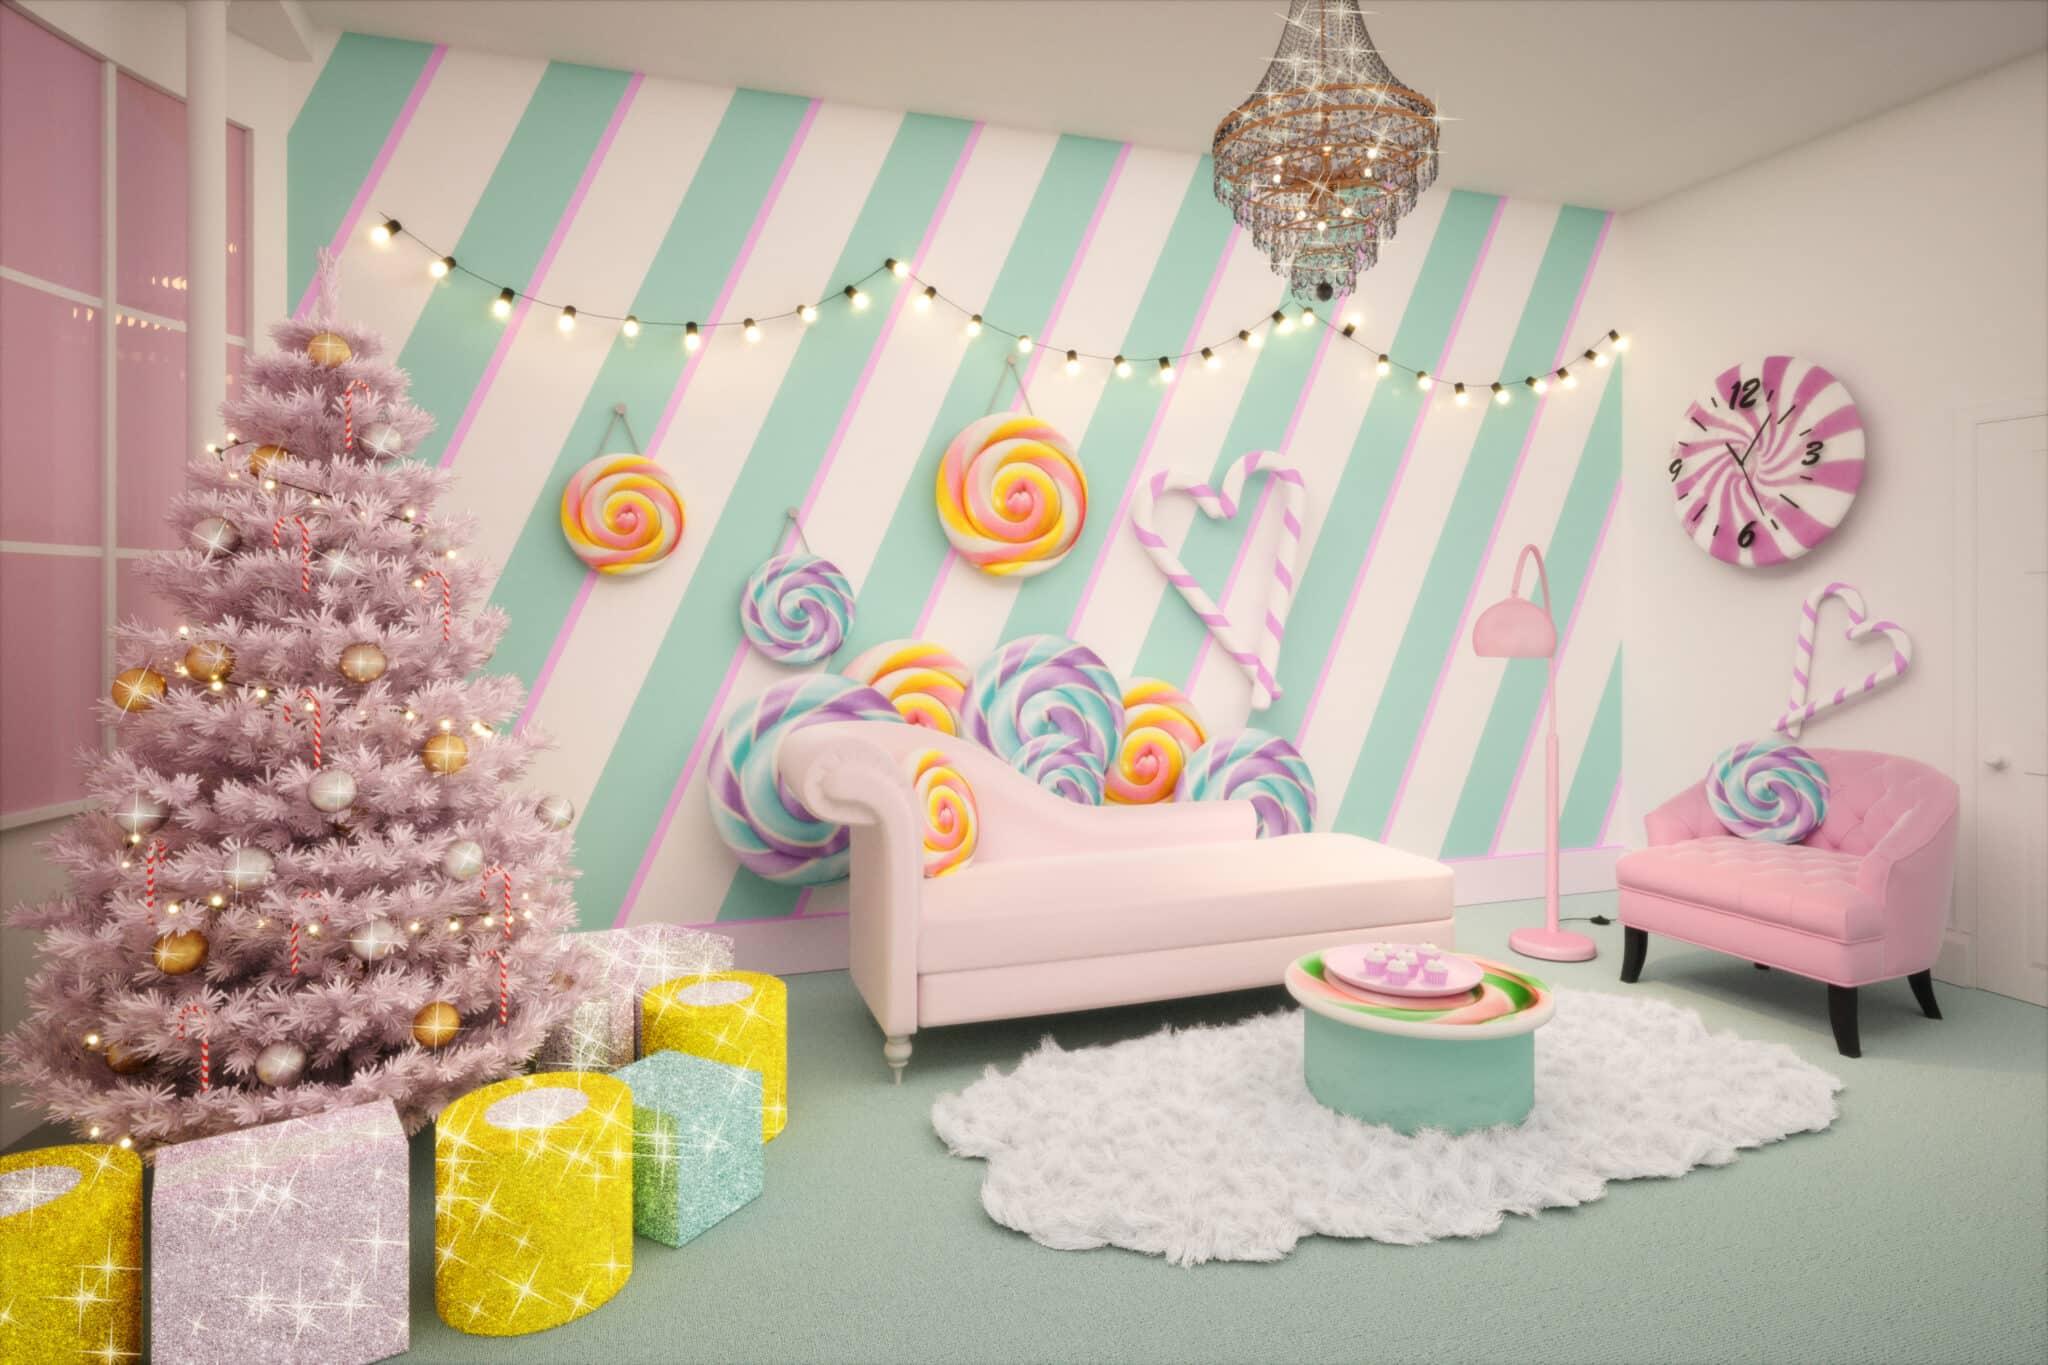 Candy Cane House: droomverblijf voor zoetekauwen